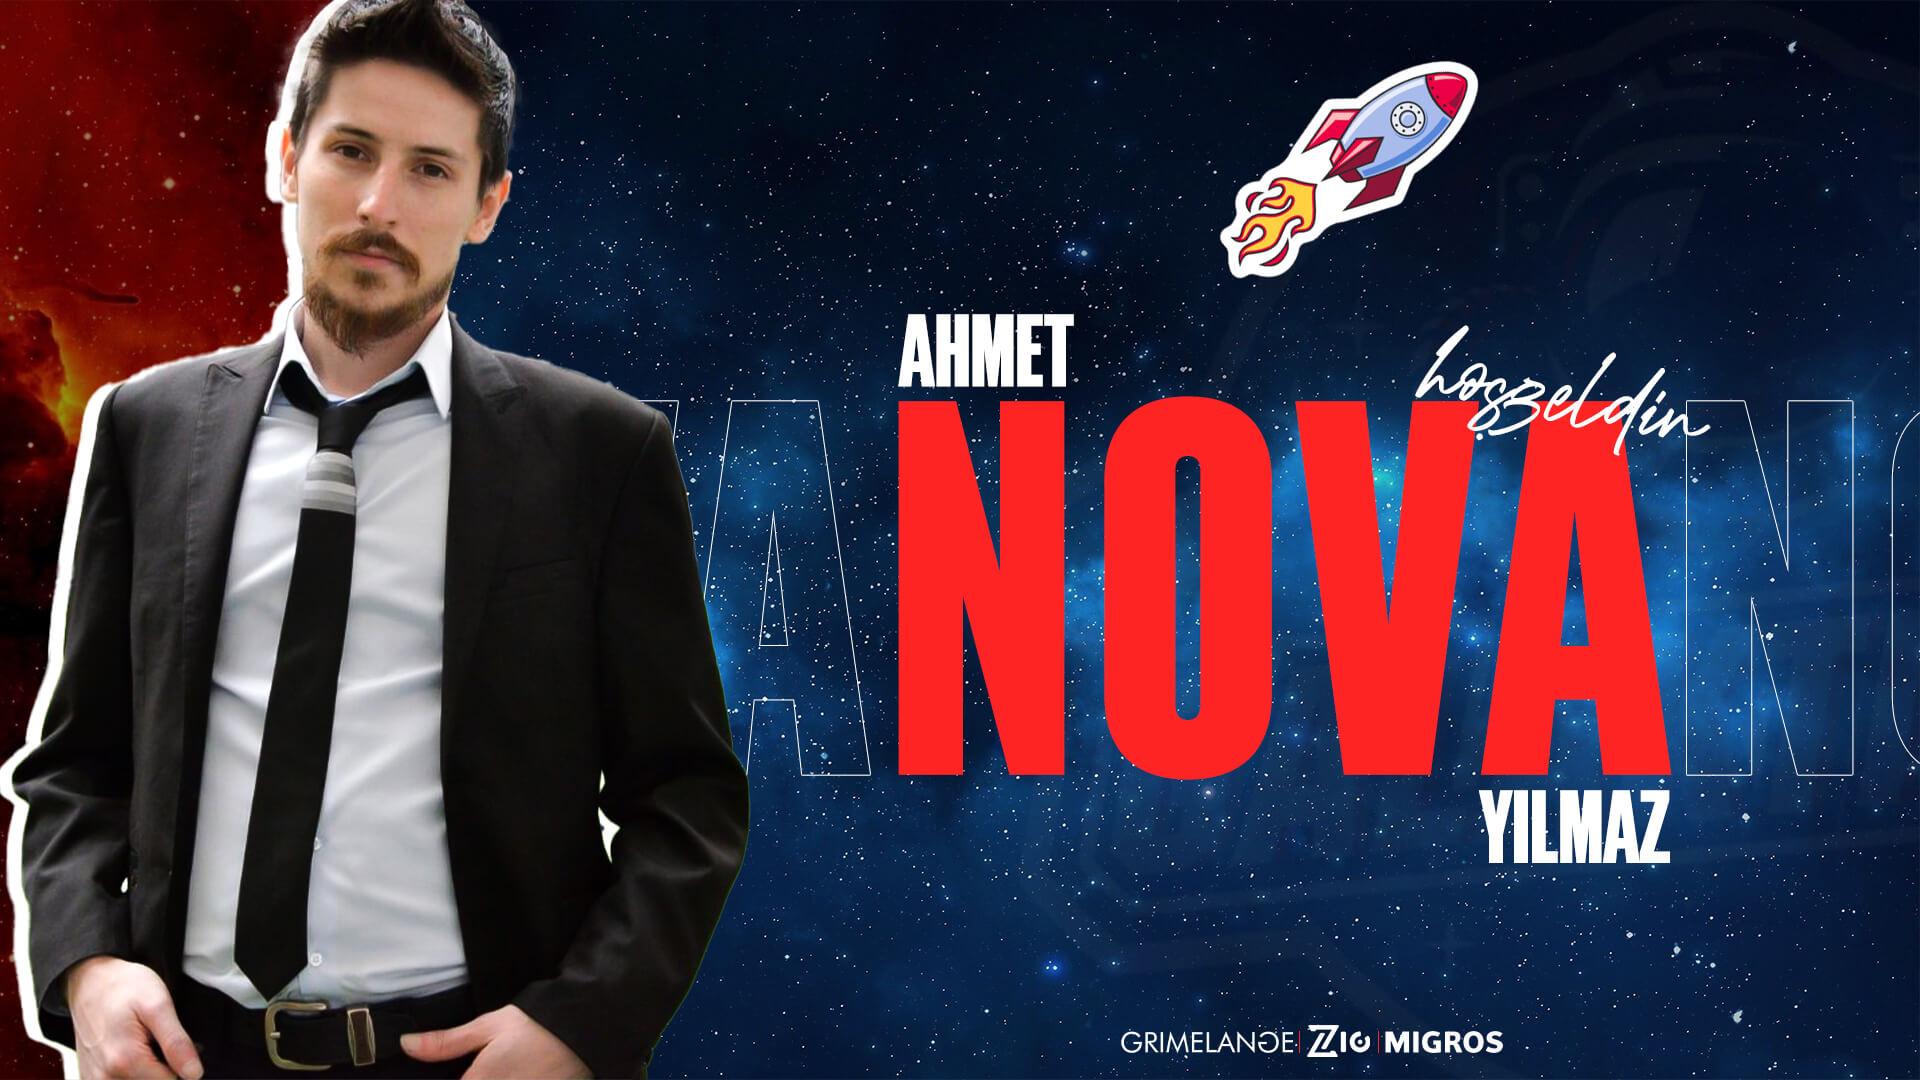 Ahmet Nova Yılmaz, Galakticos ekibine dahil oldu